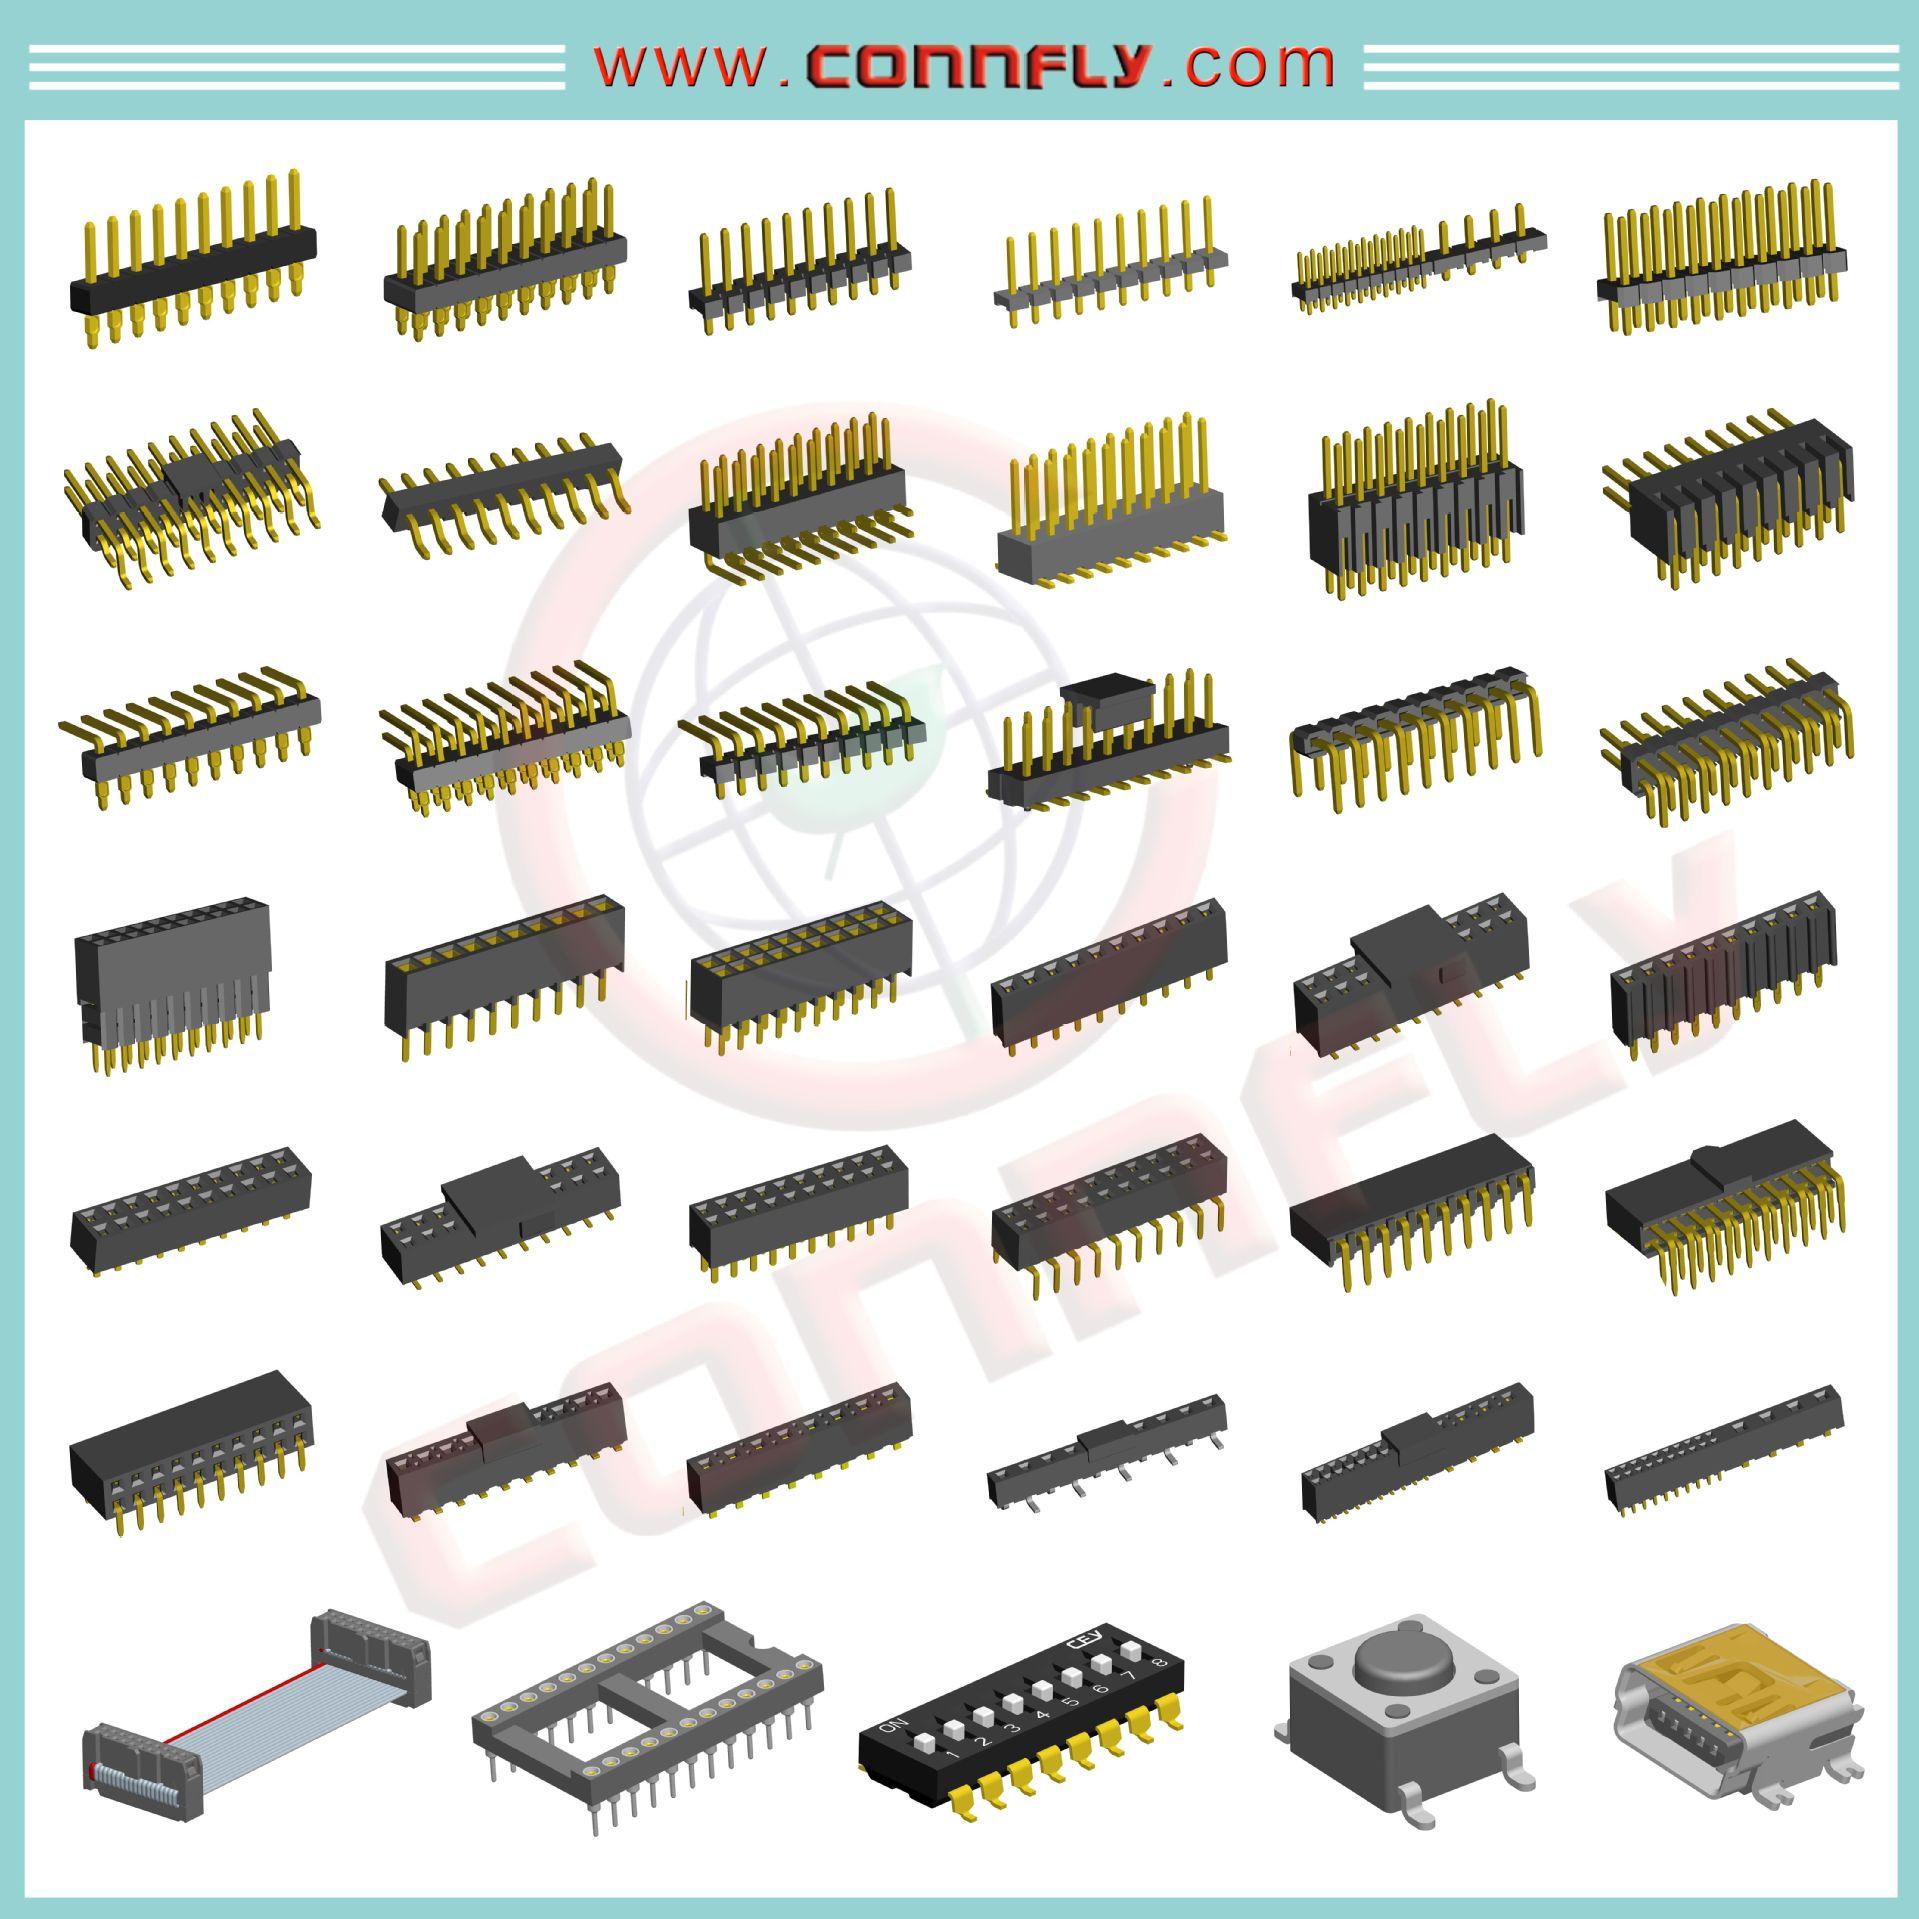 智能电表接插件 CONNFLY 排针/排母/排线 PCB IDC 阻火/阻燃